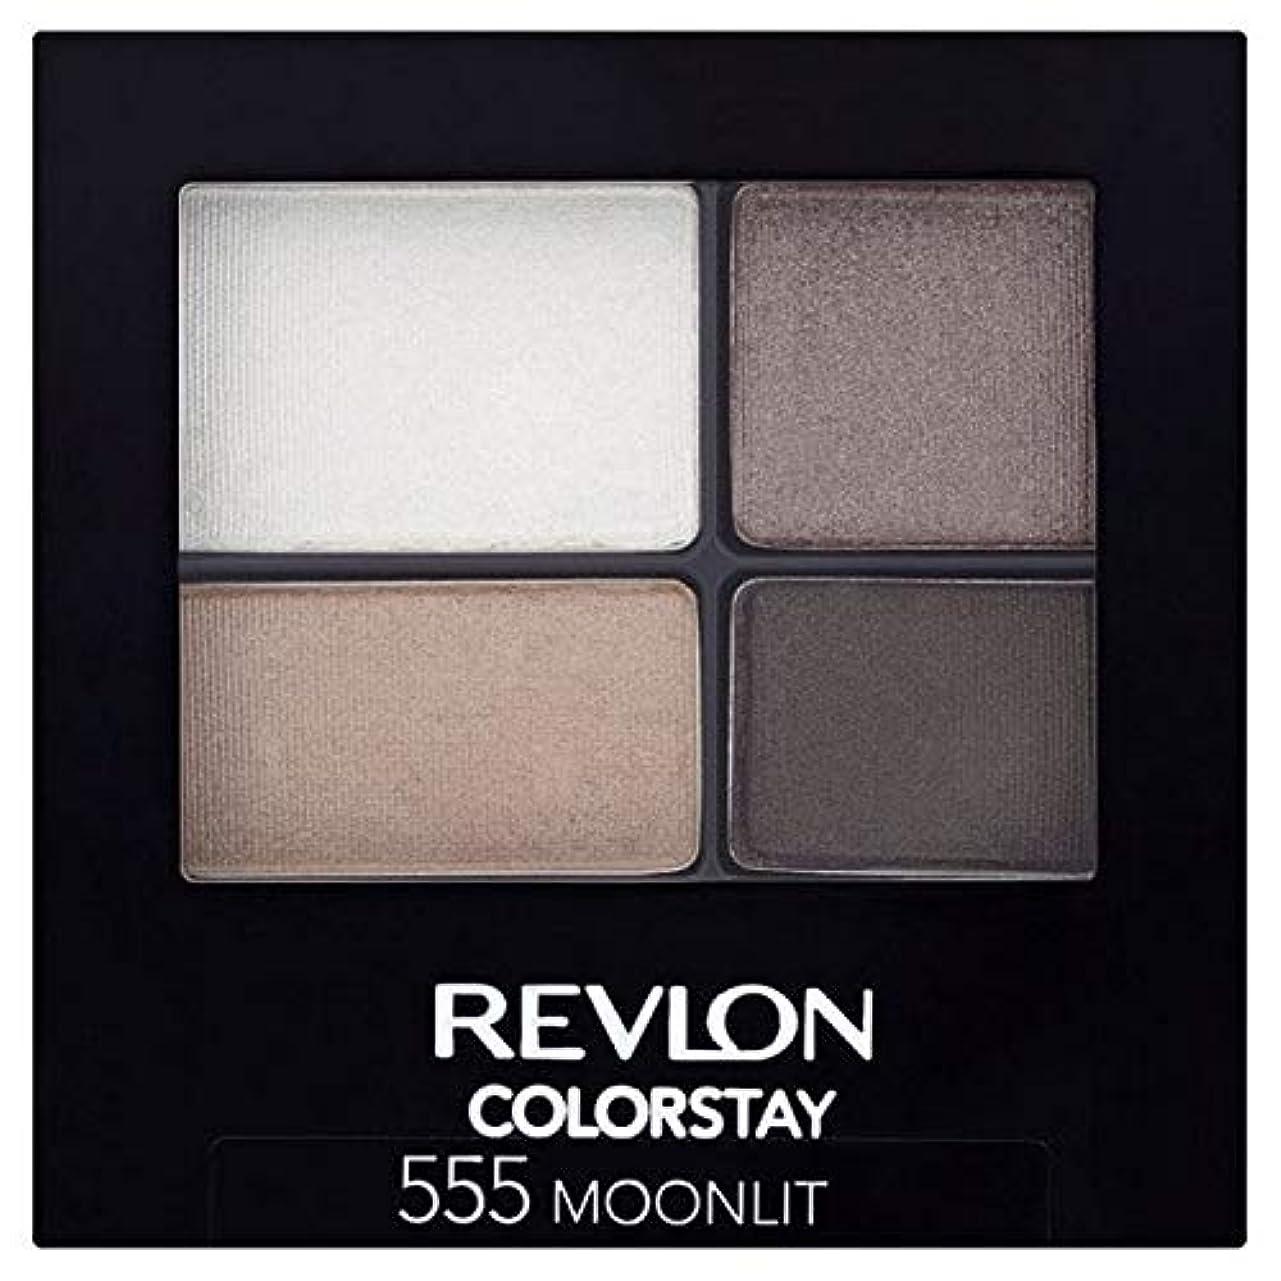 新鮮な時間胚[Revlon ] レブロンColorstay 16時間のアイシャドウは555月光 - Revlon Colorstay 16 Hour Eye Shadow Moonlight 555 [並行輸入品]